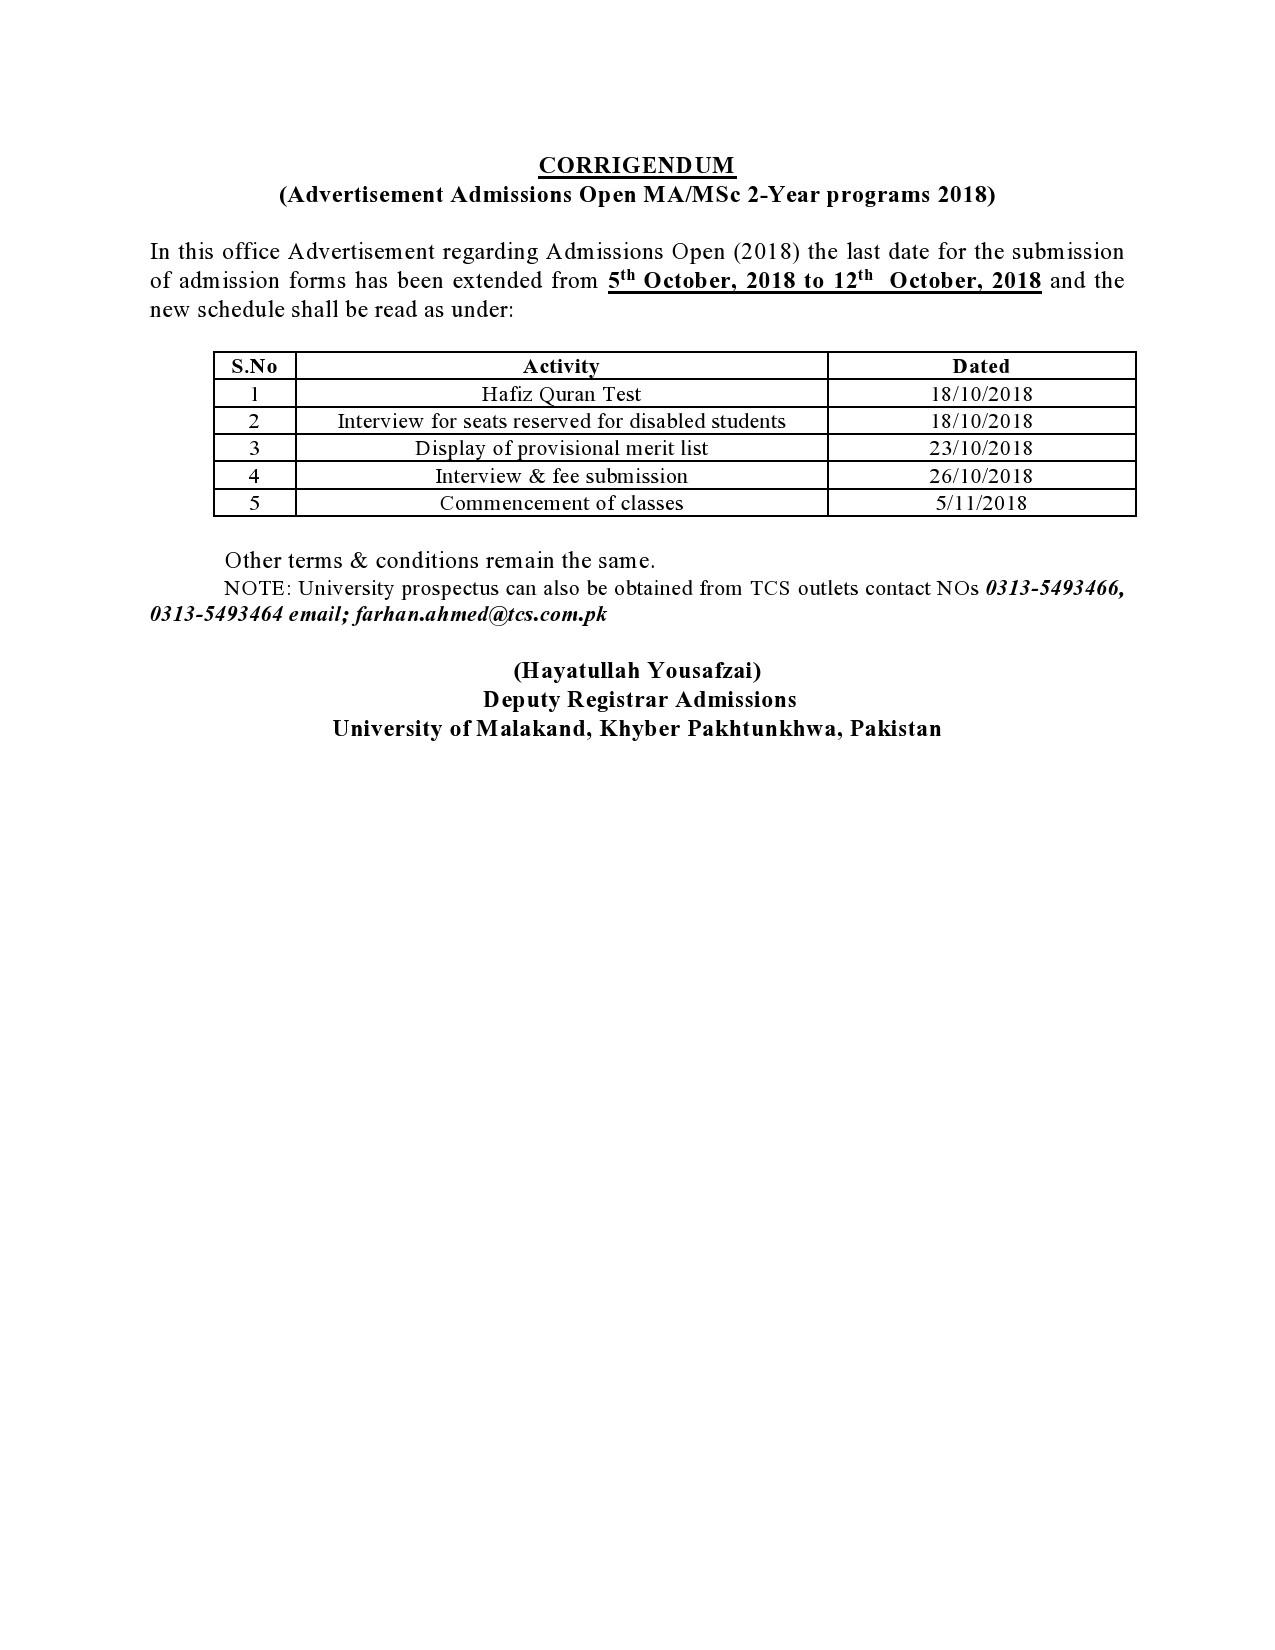 Corrigendum in MA MSc Admission Announcement 2018